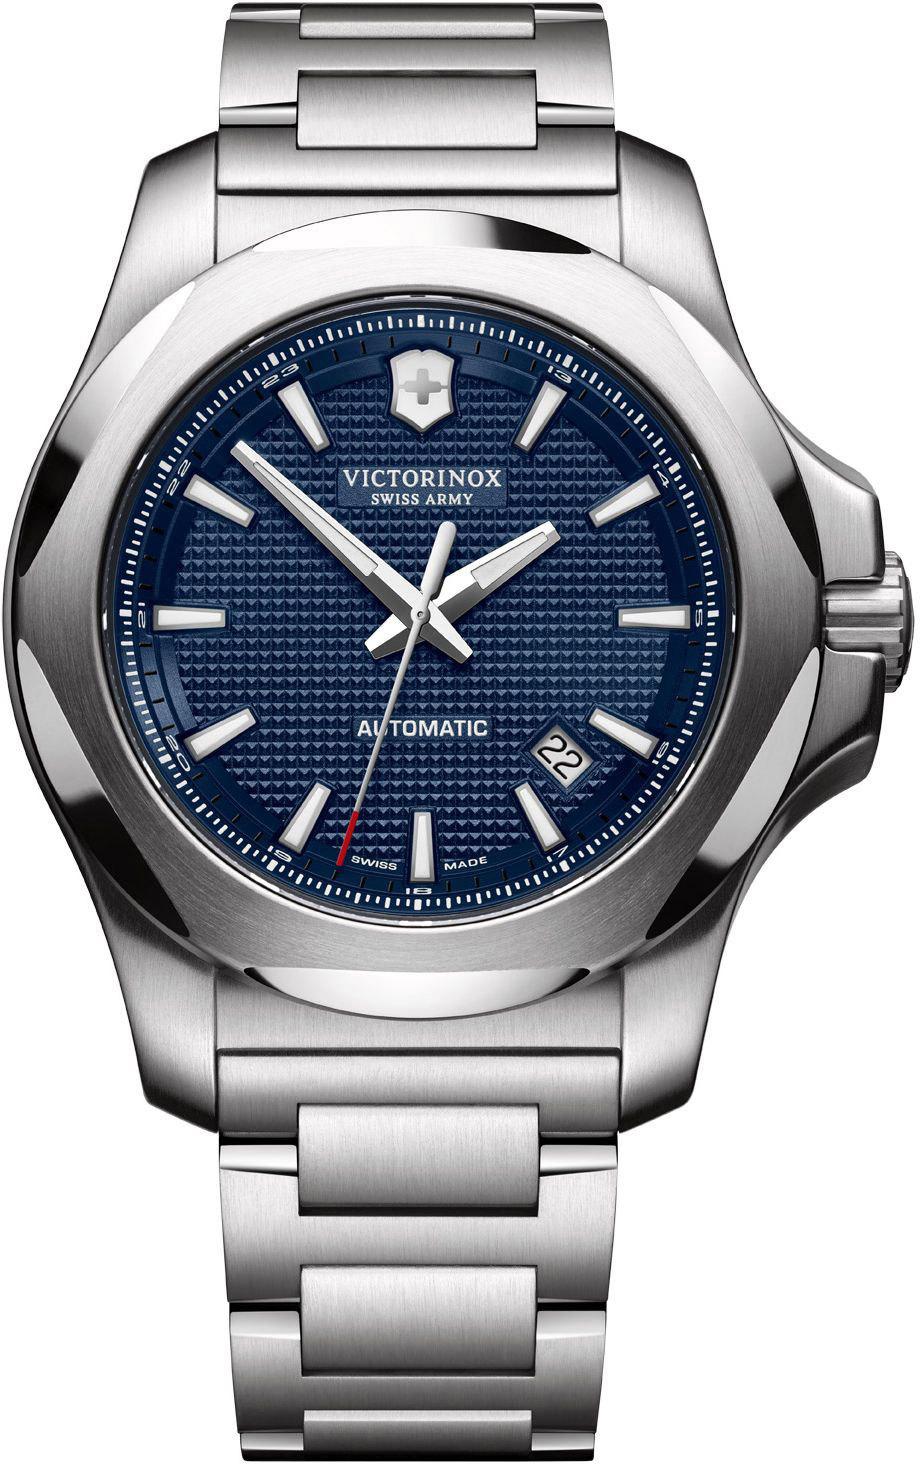 Мужские часы Victorinox I.N.O.X. Mechanical 241835